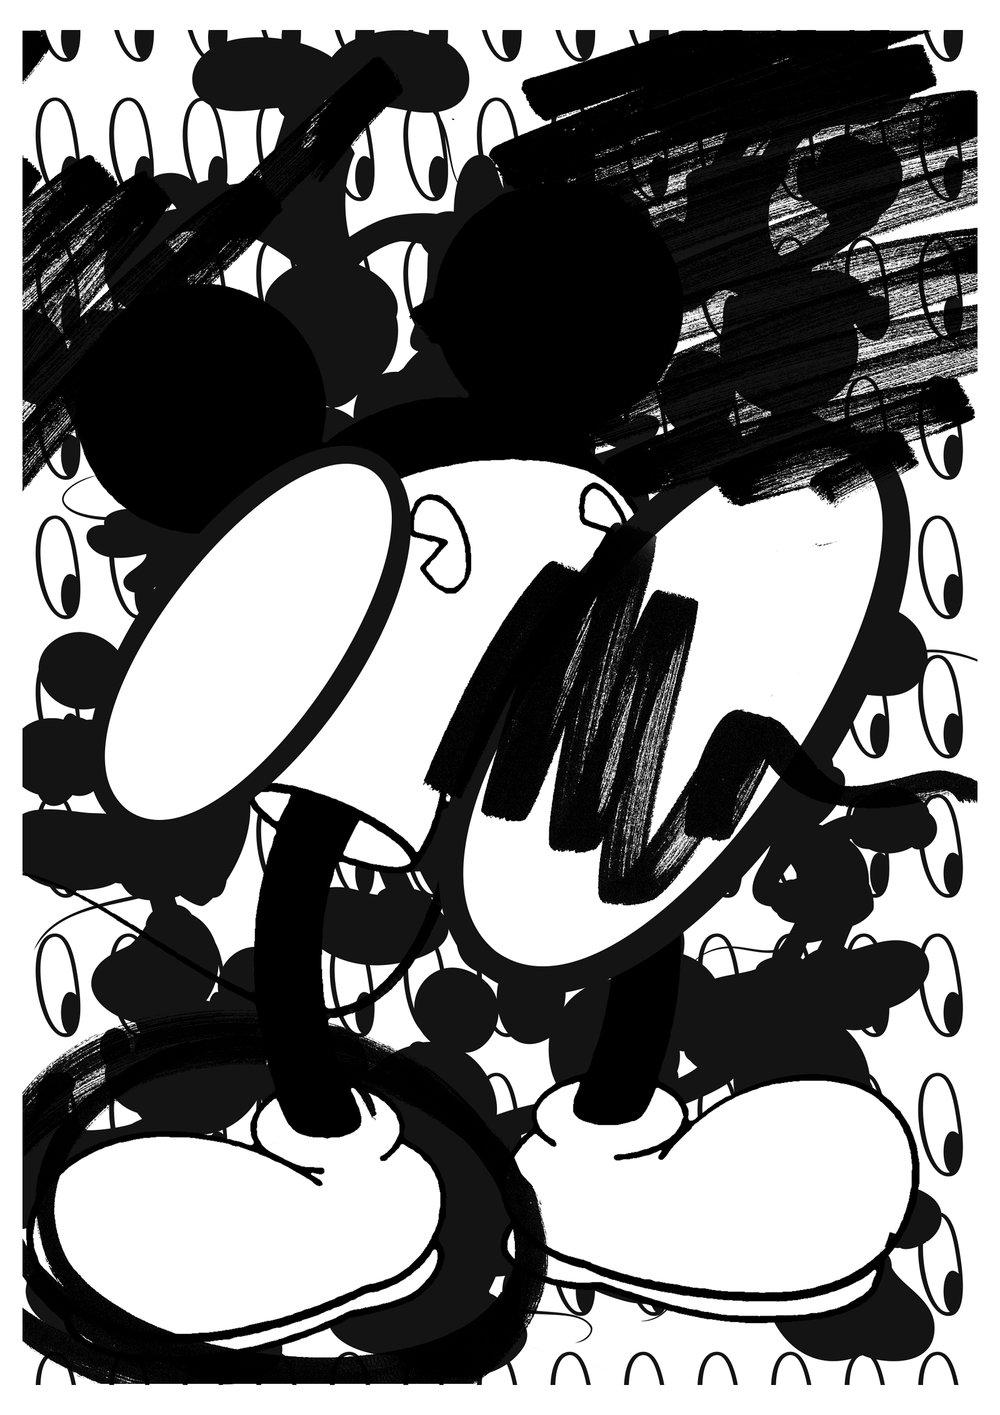 Art | Prints | Illustration | Design | By James-Lee Duffy